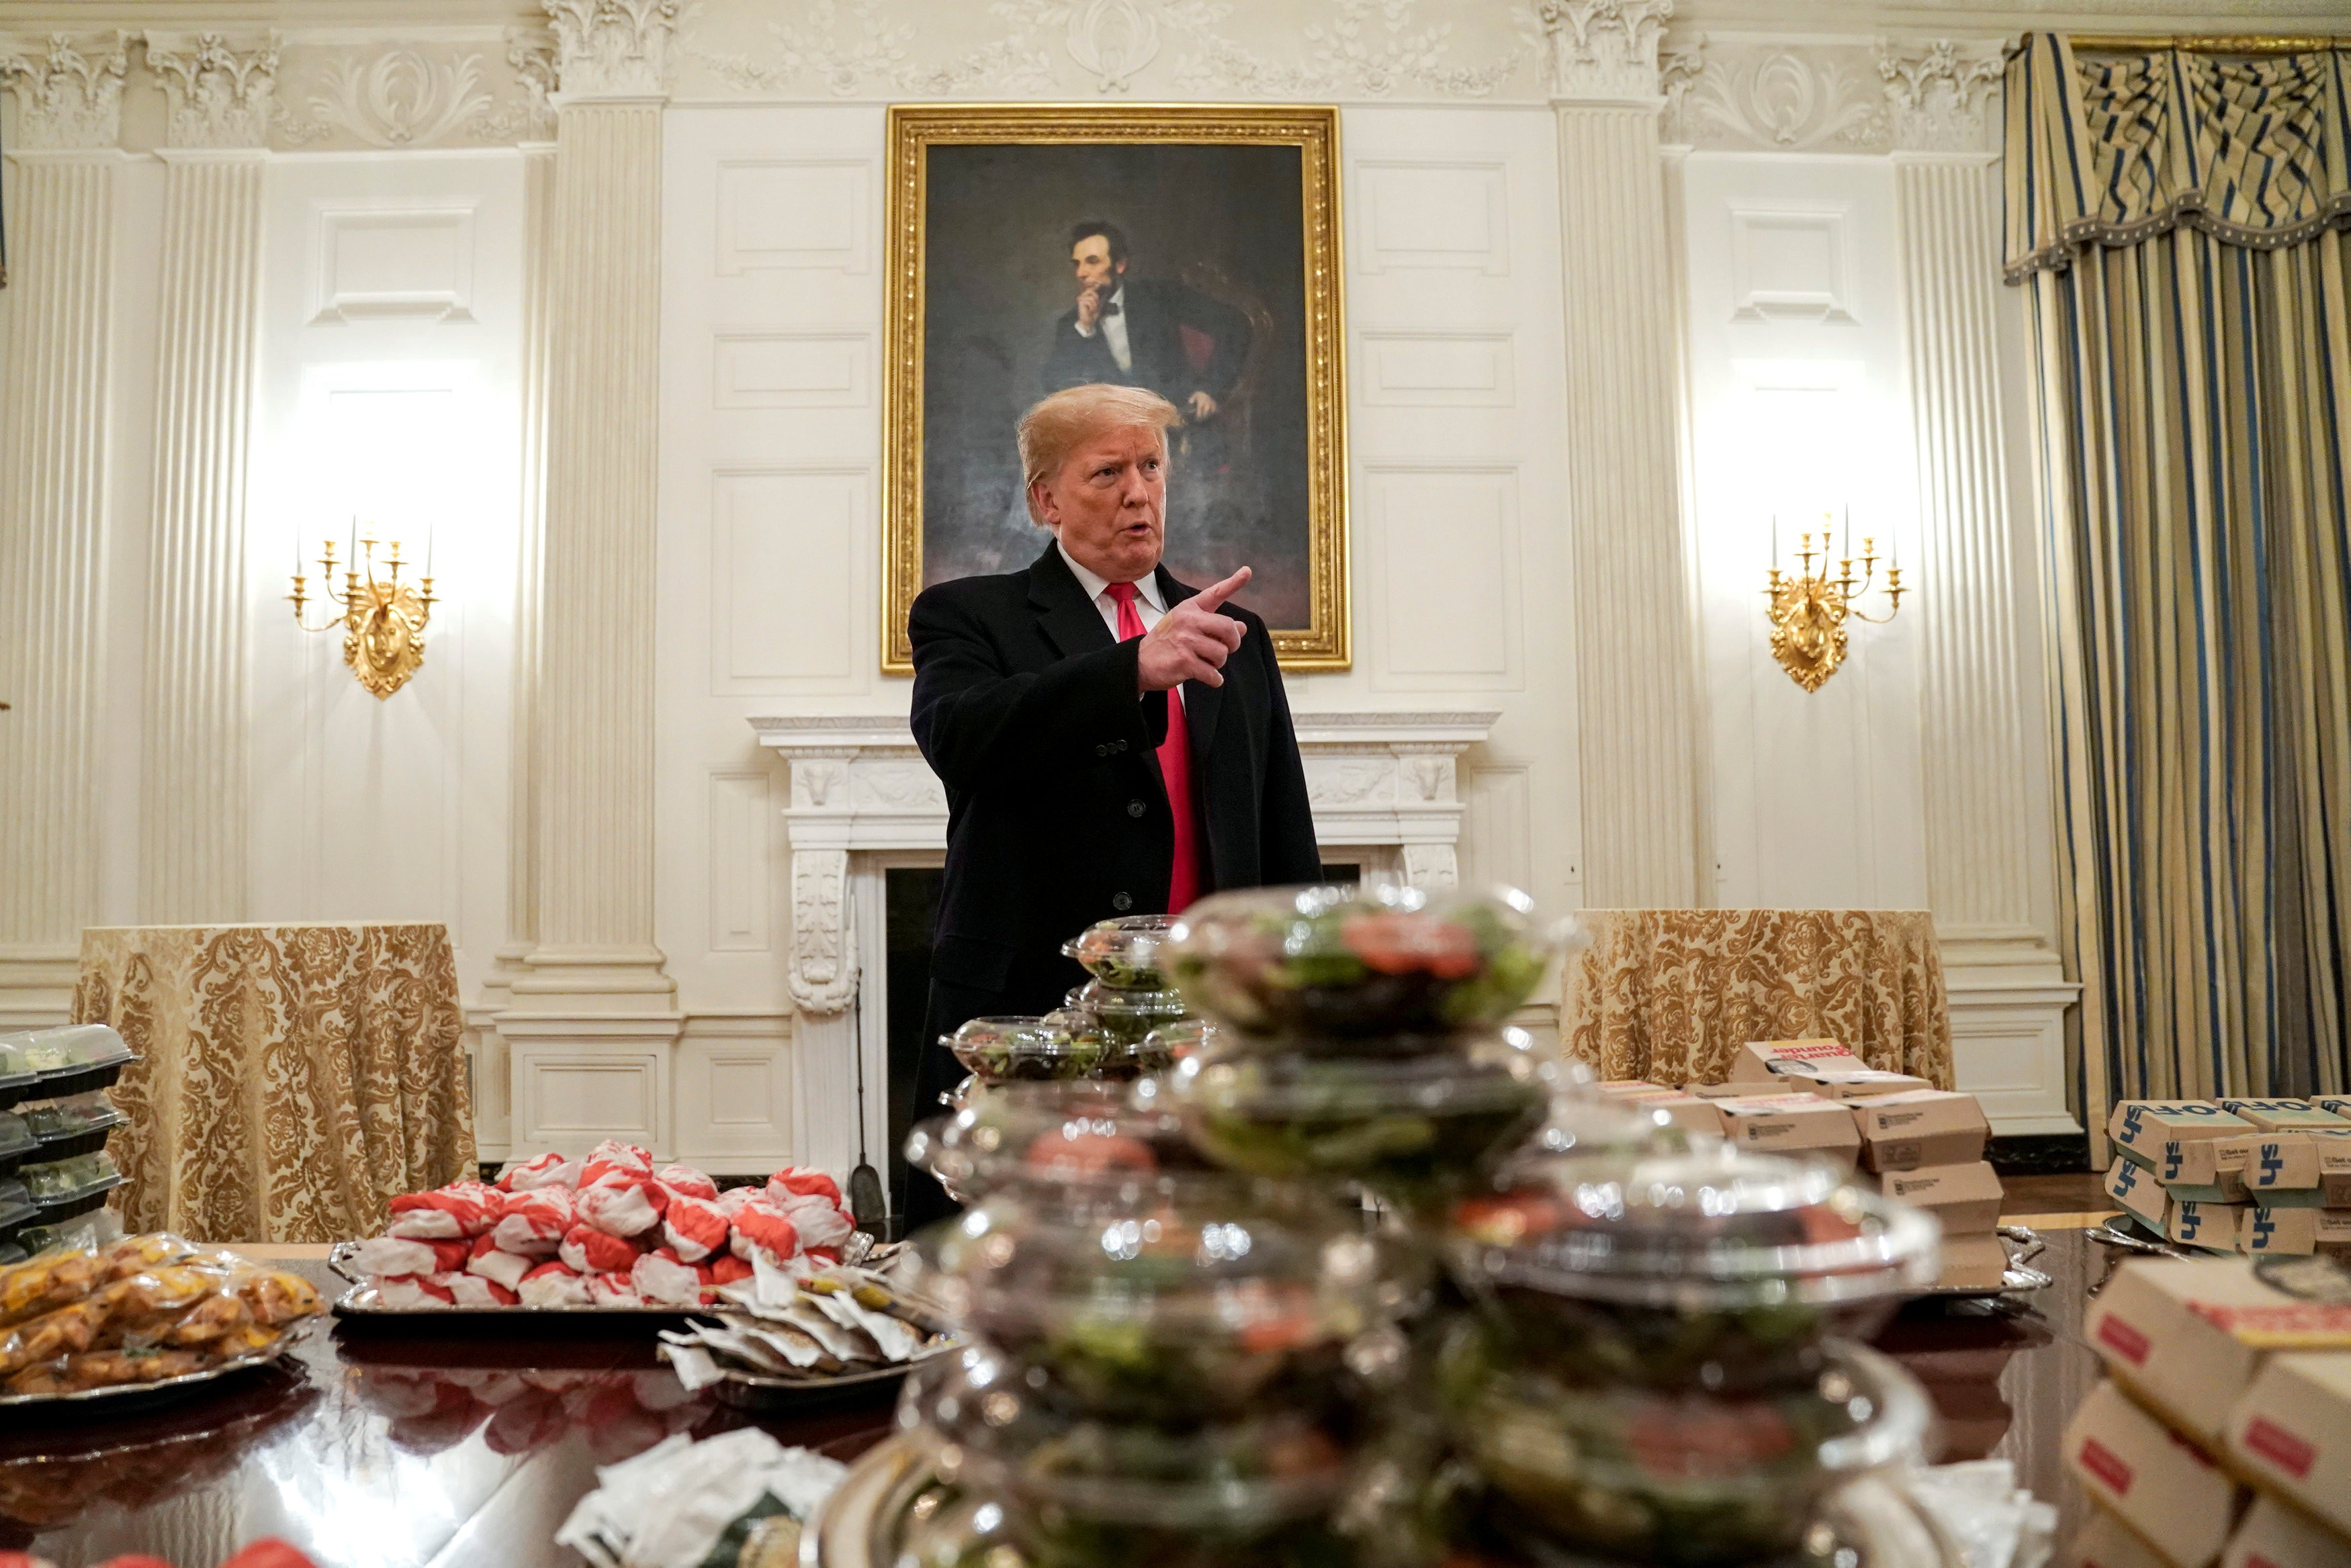 Sem funcionários por paralisação, Trump compra hambúrgueres para jantar com atletas